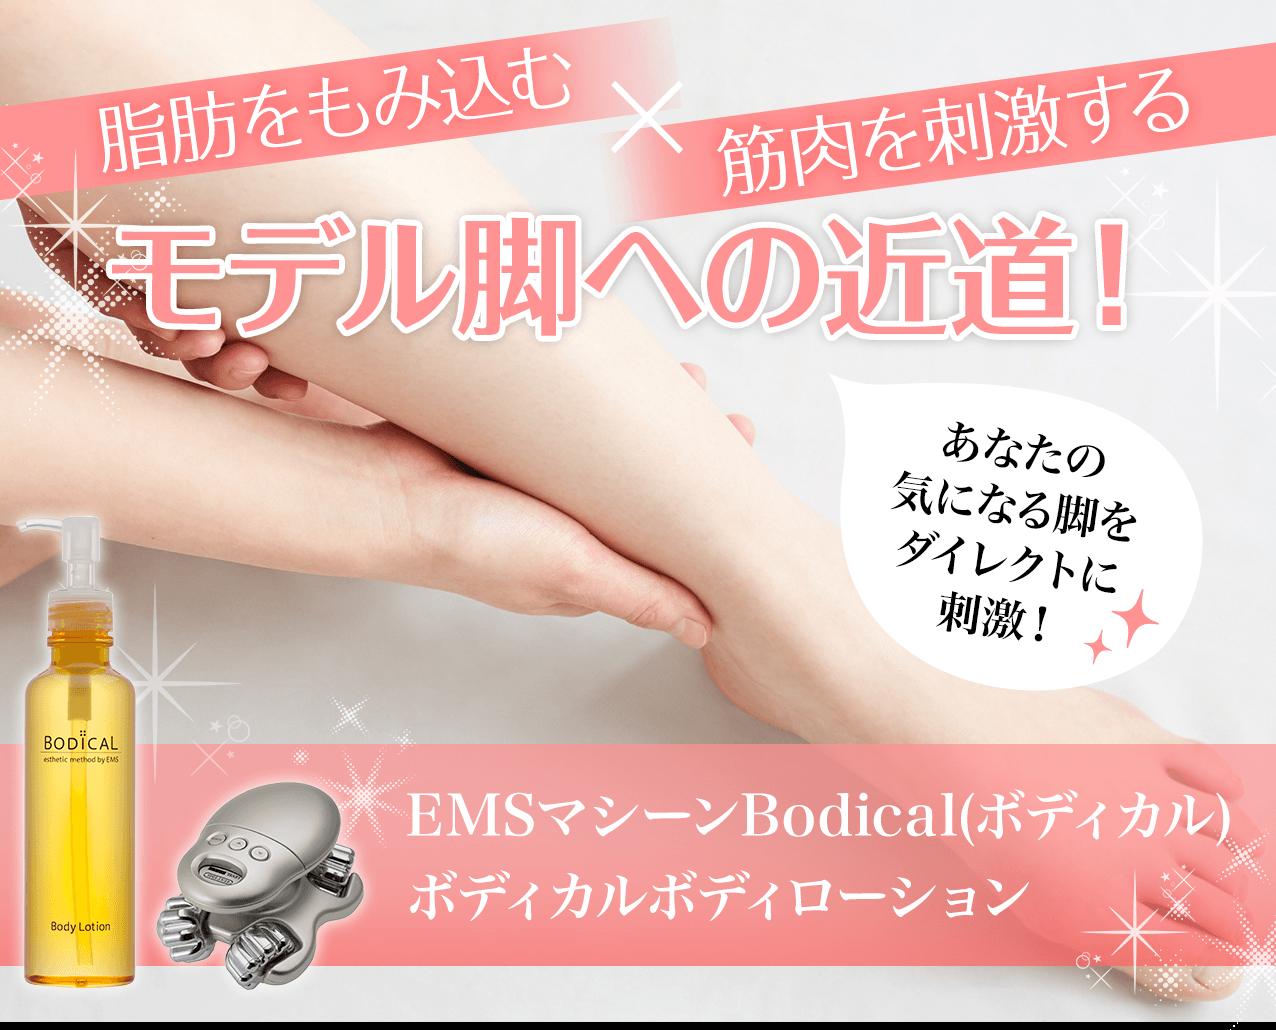 脂肪をもみ込む×筋肉を刺激する モデル脚への近道!あなたの気になる脚をダイレクトに刺激!EMSマシーンBodical(ボディカル)ボディカルボディローション